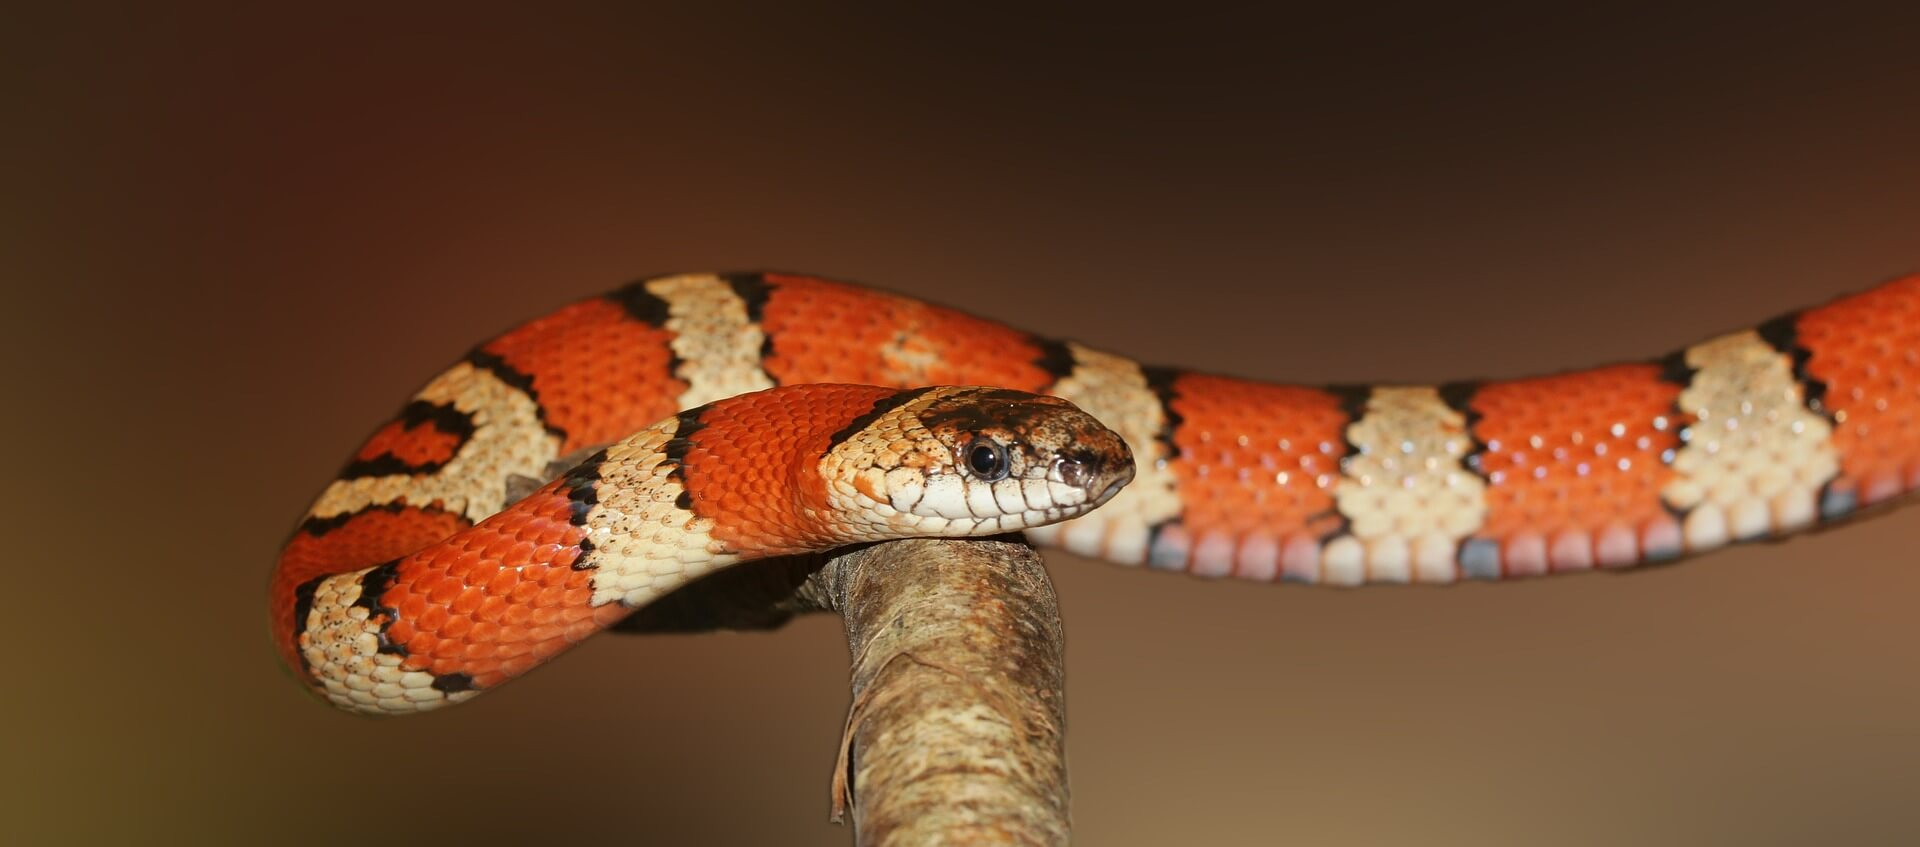 soñar con animales reptiles